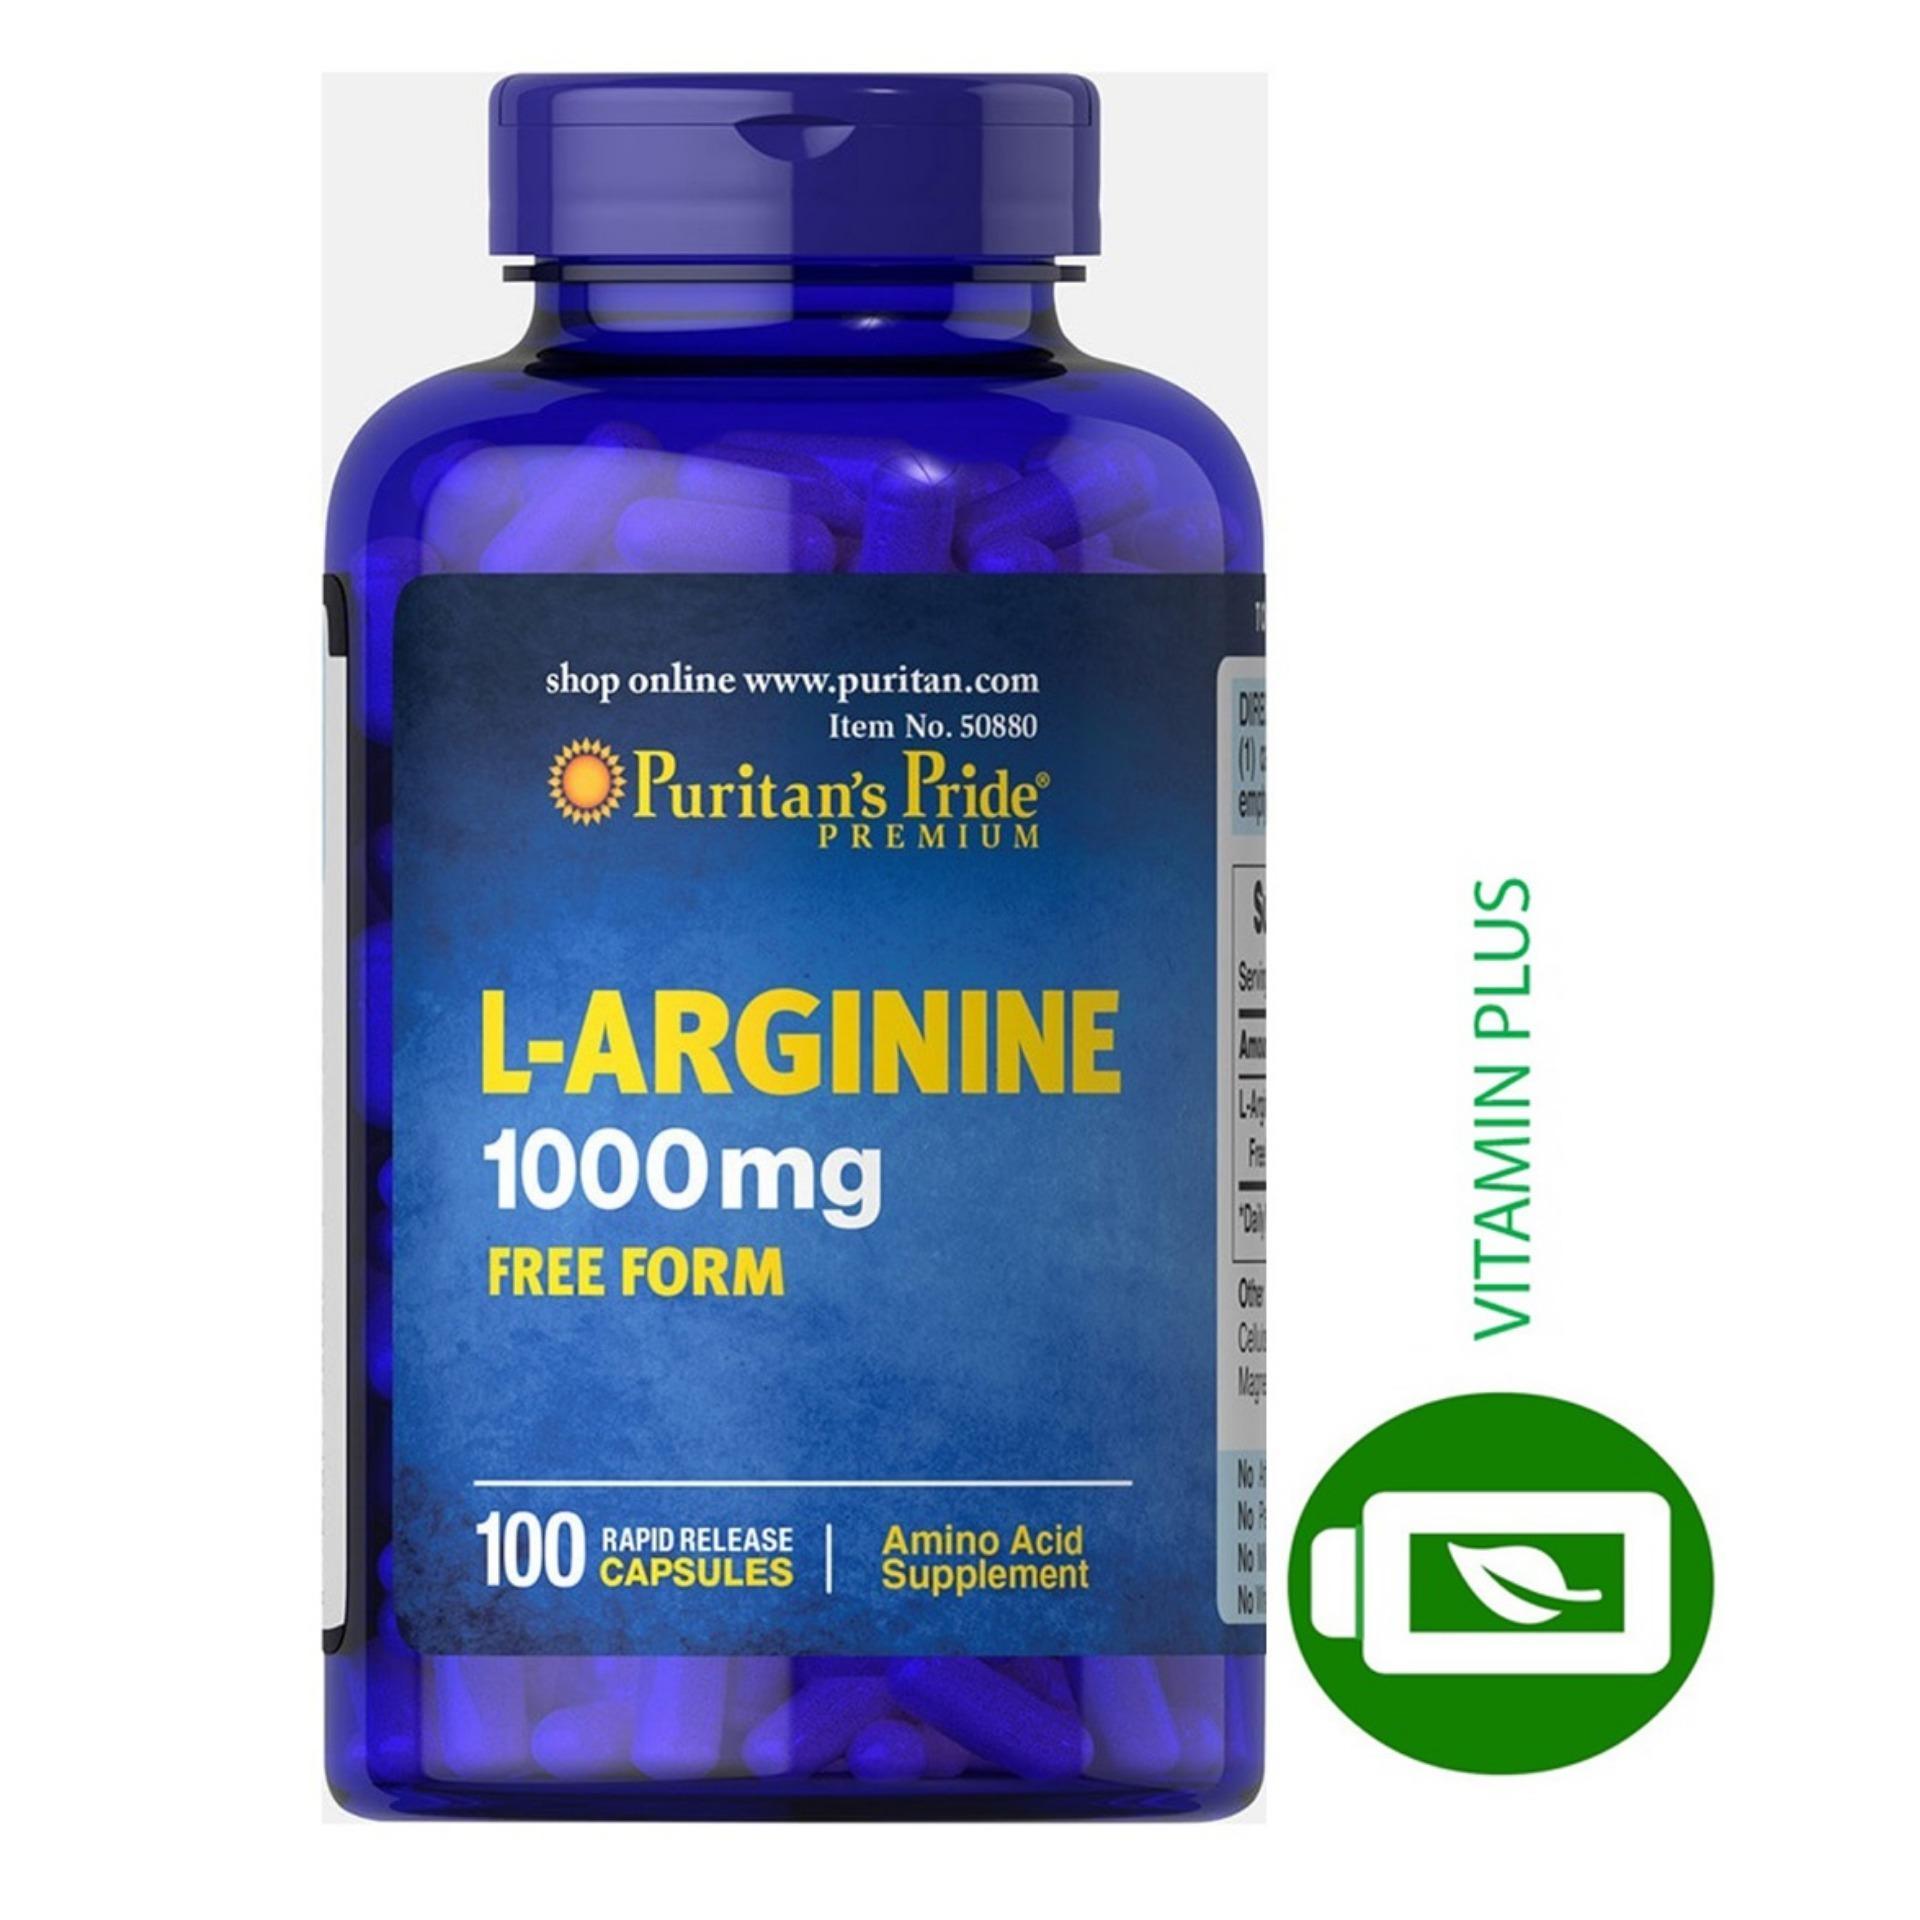 Hình ảnh Viên uống giải độc gan, cải thiện chức năng gan, giảm rối loạn cương dương Puritan's Pride L-Arginnine 1000mg 100 viên HSD tháng 9/2018